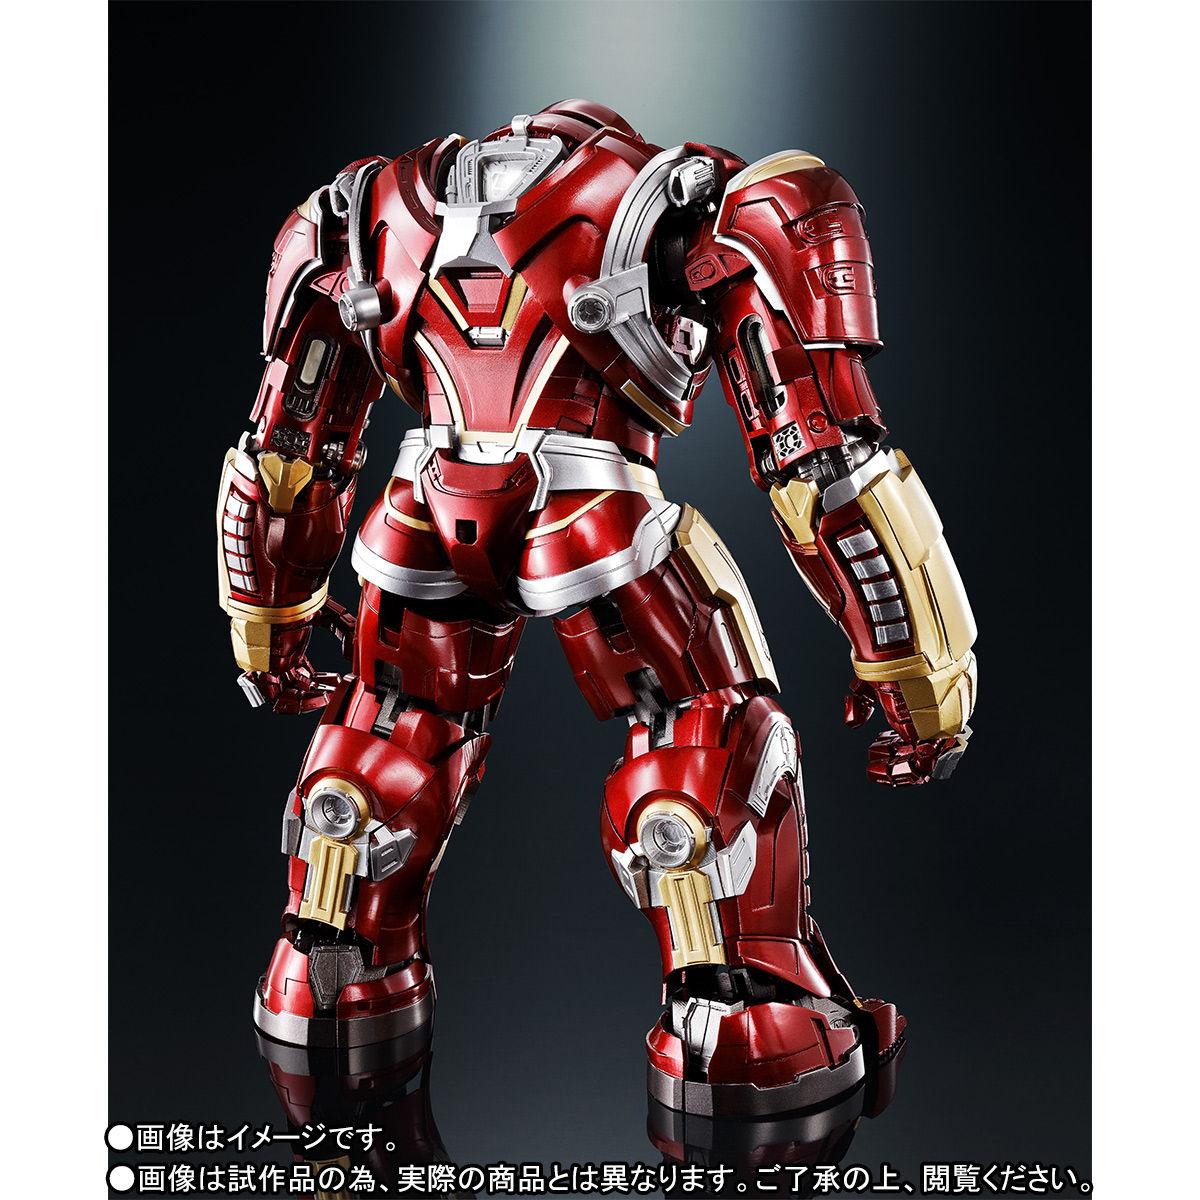 超合金×S.H.Figuarts『ハルクバスター マーク2 アベンジャーズ/インフィニティ・ウォー』可動フィギュア-006